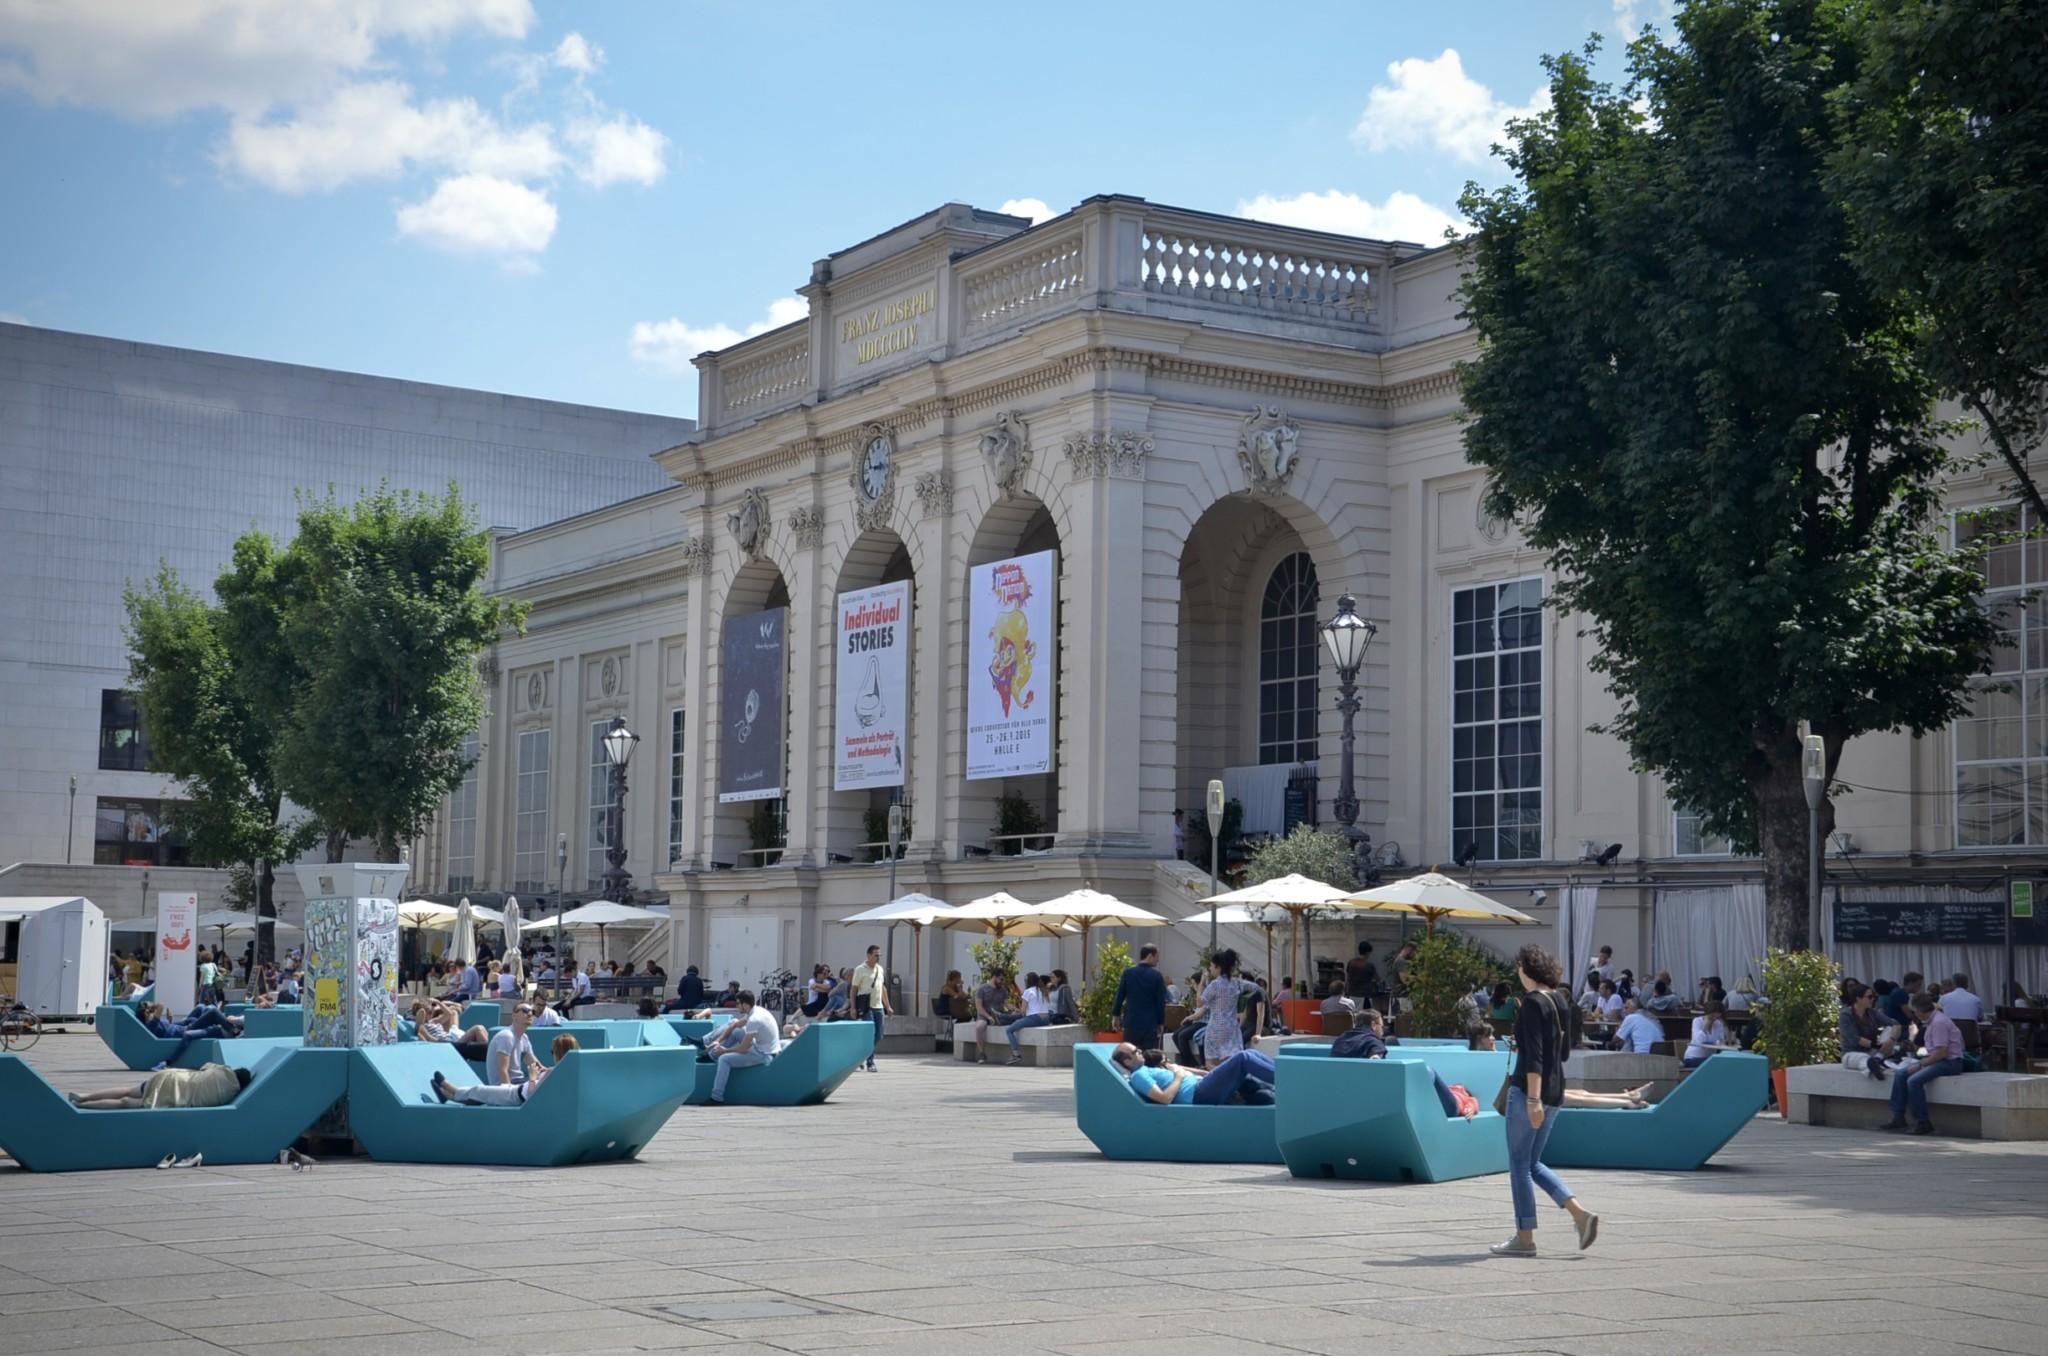 Die Museen im Museumsquartier zählen zu den besten in Europa